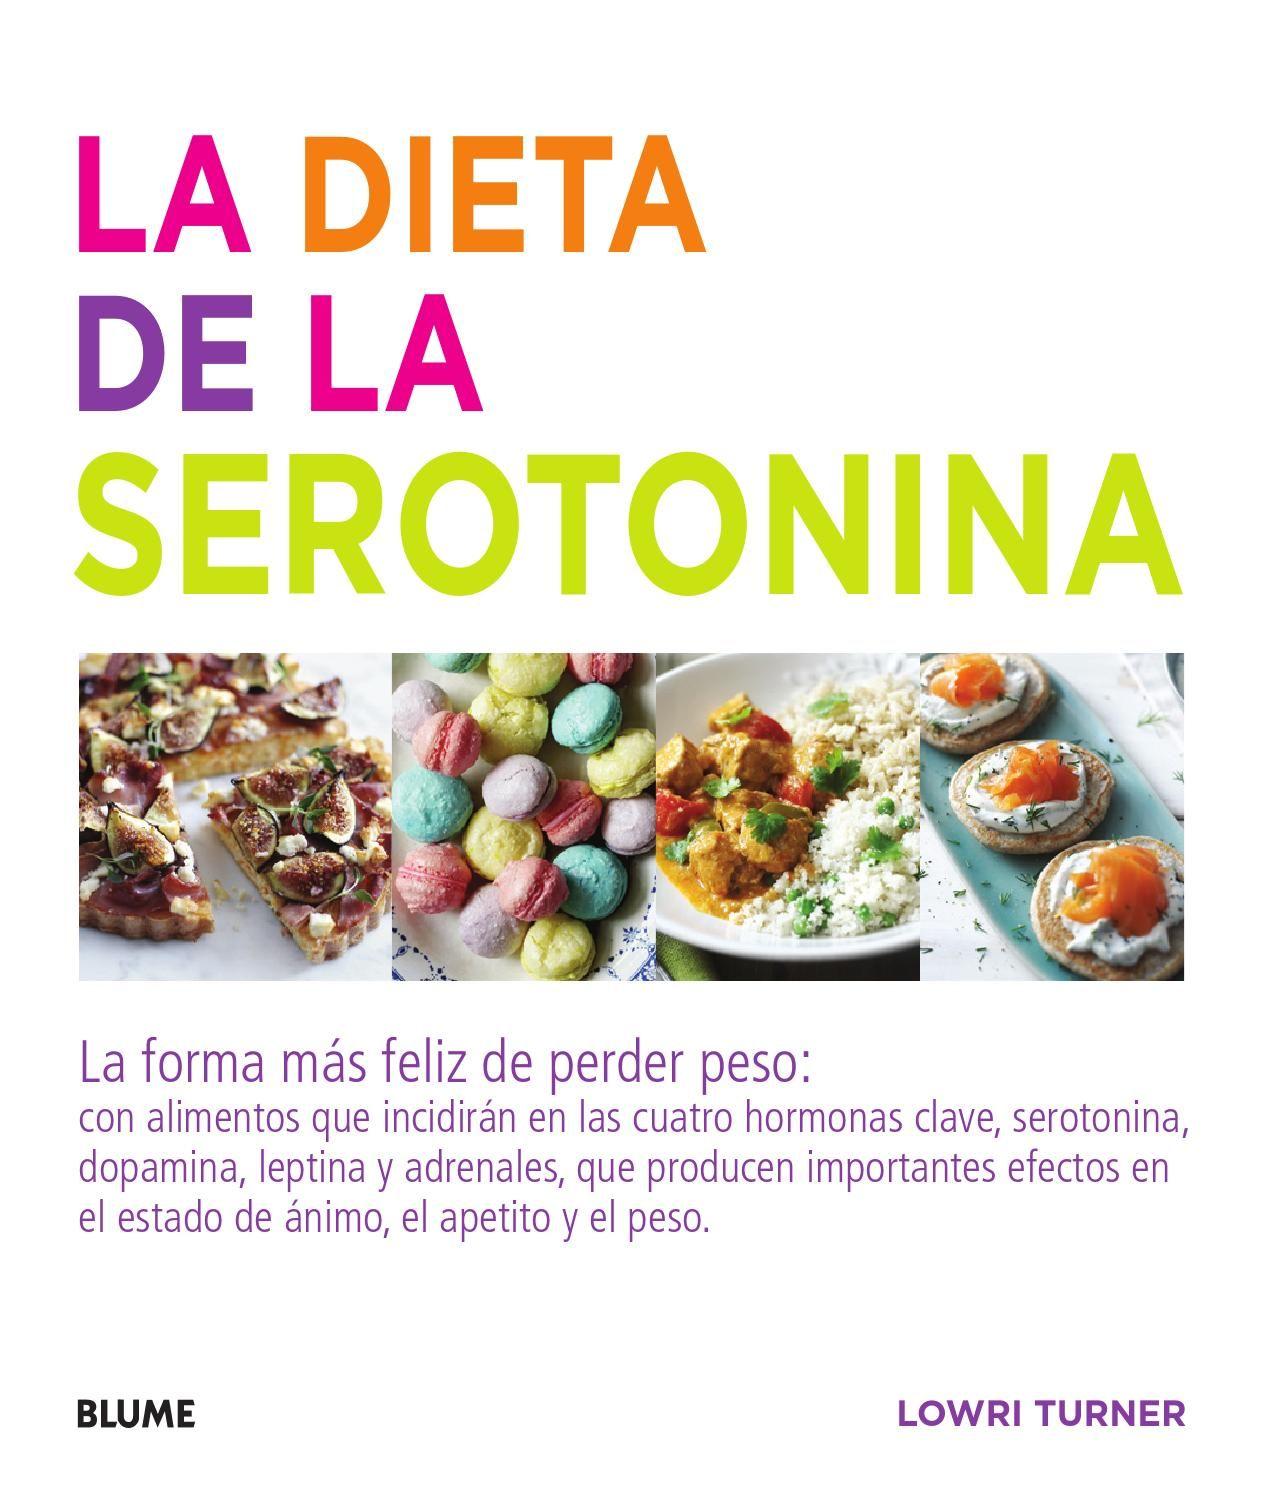 La Dieta De La Serotonina Alimentos Dietas Hábitos Alimentarios